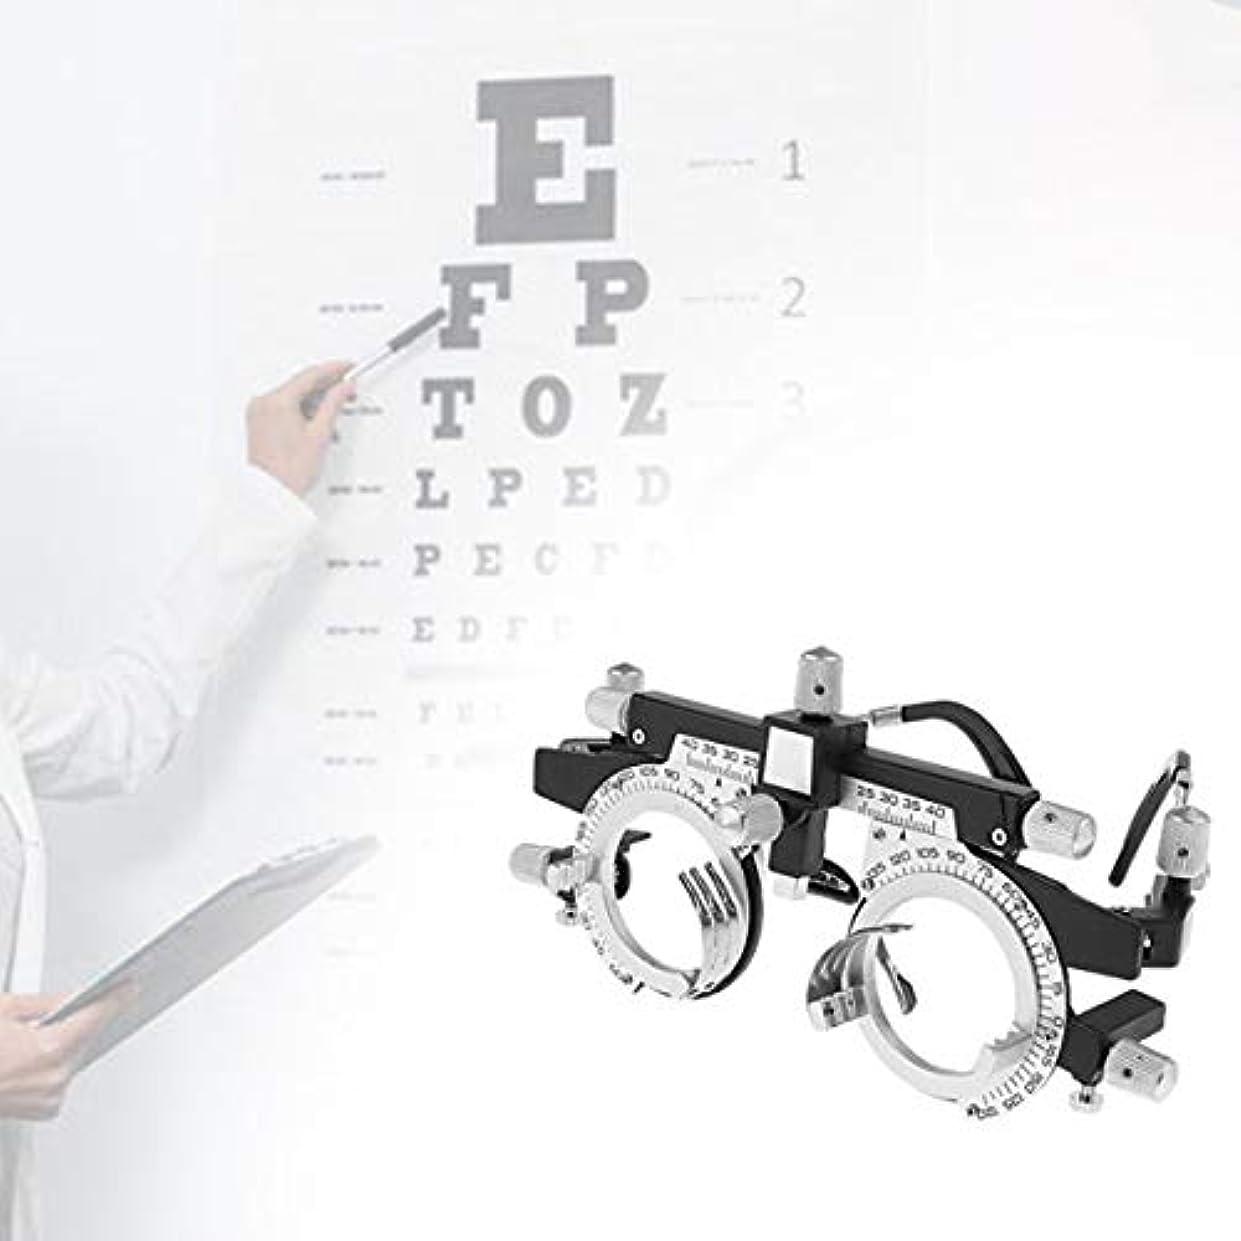 倍増相談する恐れる調整可能なプロフェッショナルアイウェア検眼メタルフレームオプティカルオプティクストライアルレンズメタルフレームPDメガネアクセサリーメタルフレーム